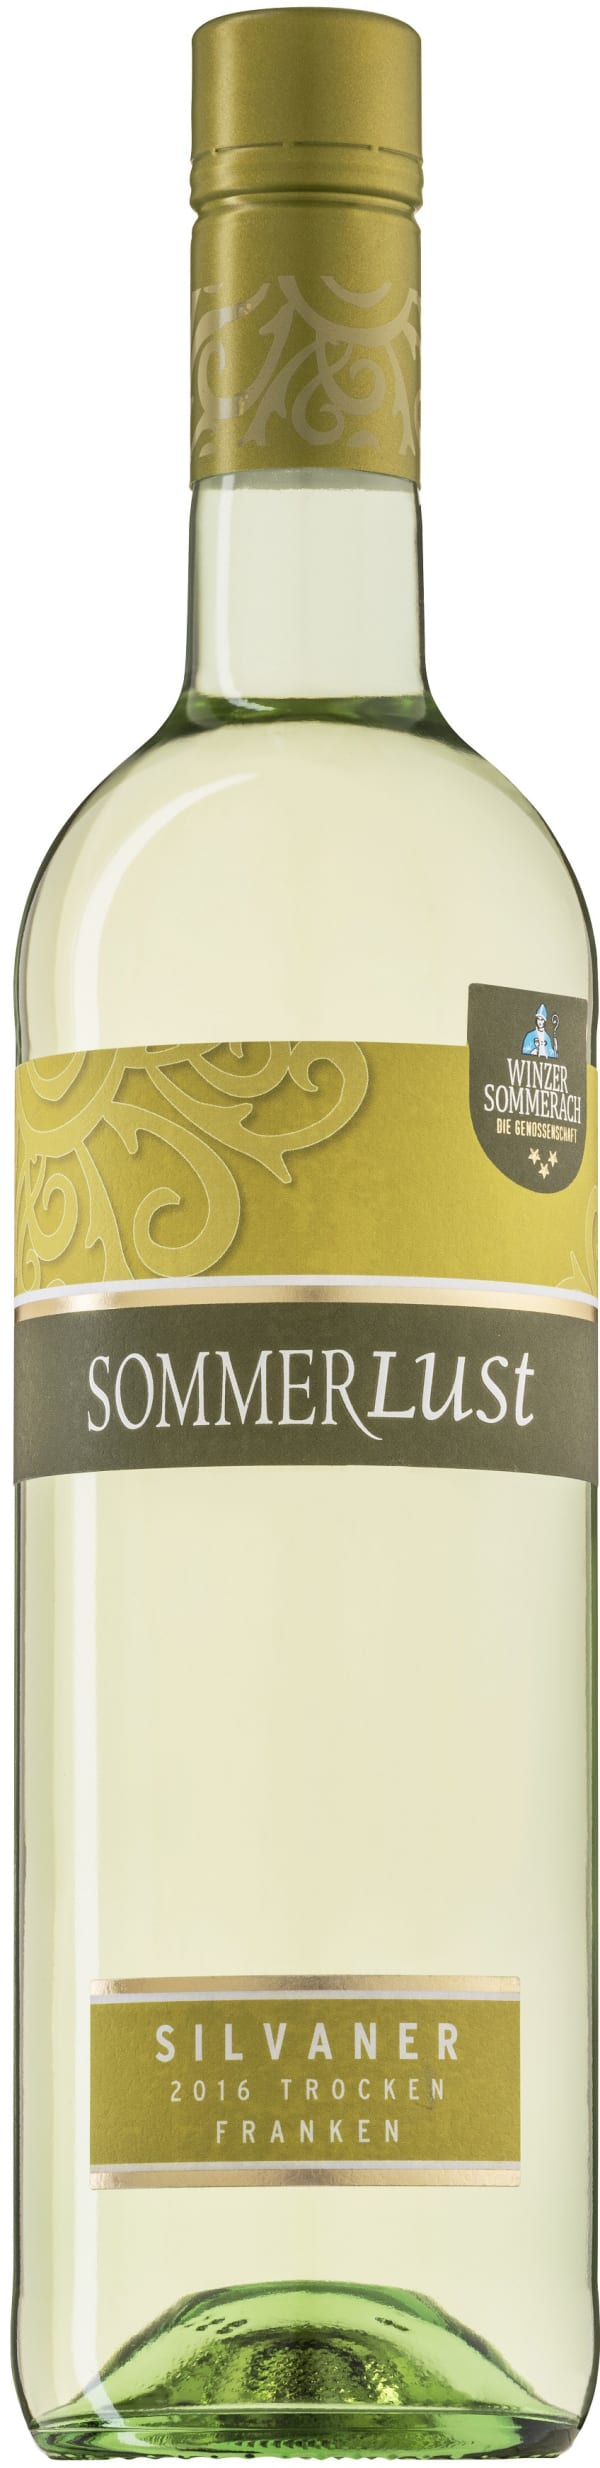 Winzer Sommerach Sommerlust Silvaner 2019